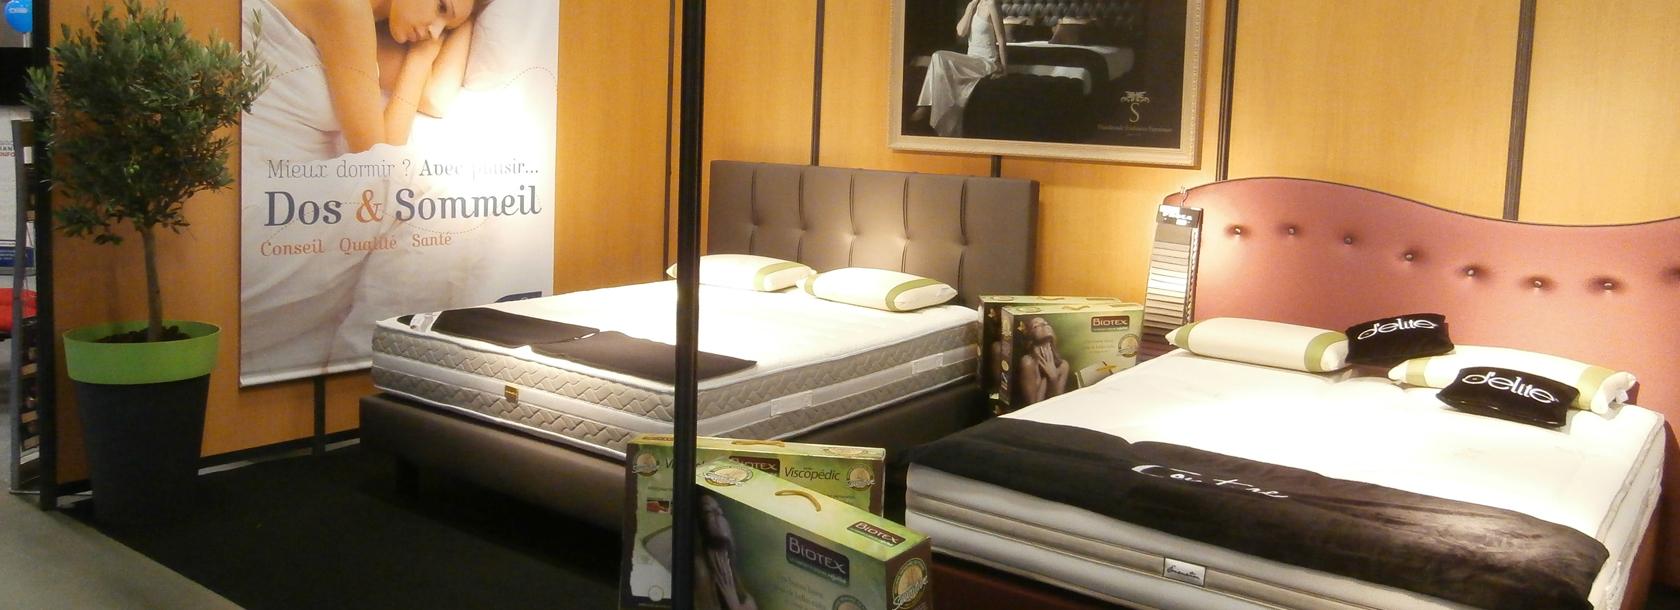 dormir dans le salon continuit de la cuisine nous avons cr un espace la fois bureaupetit salon. Black Bedroom Furniture Sets. Home Design Ideas